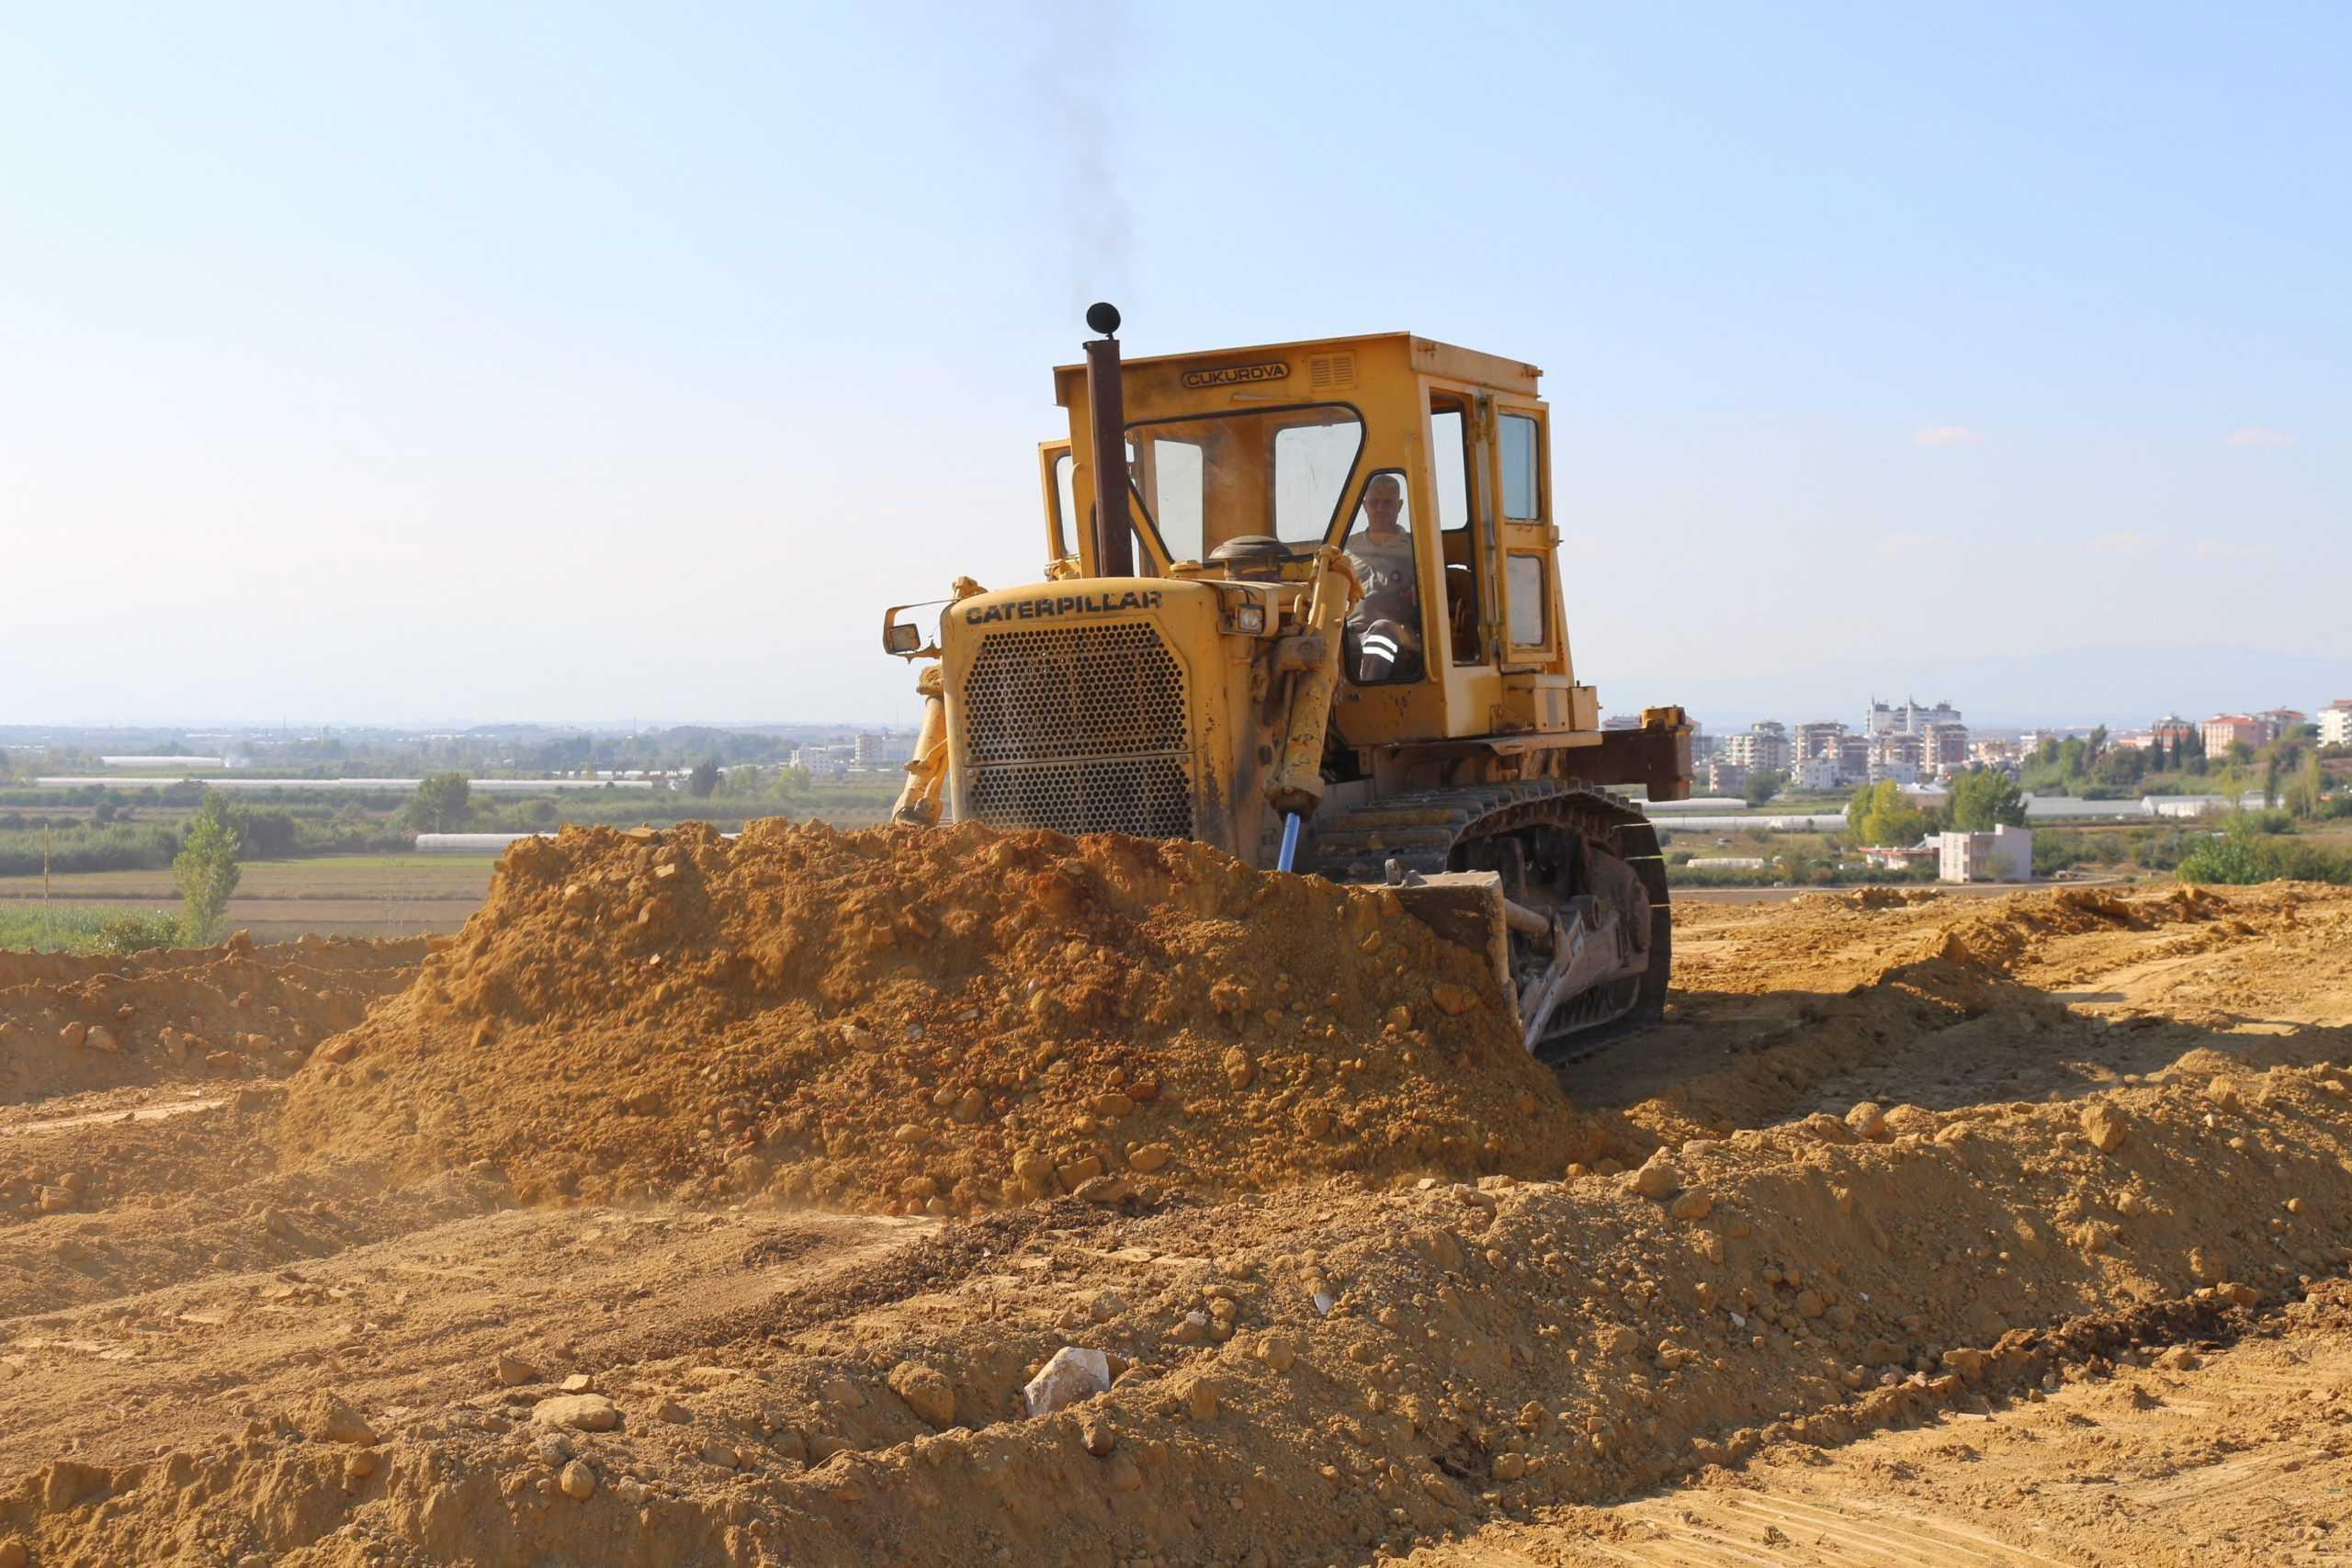 Serik'e 30 yıllık mezarlık ihtiyacını karşılayacak mezarlık alanı yapılıyor